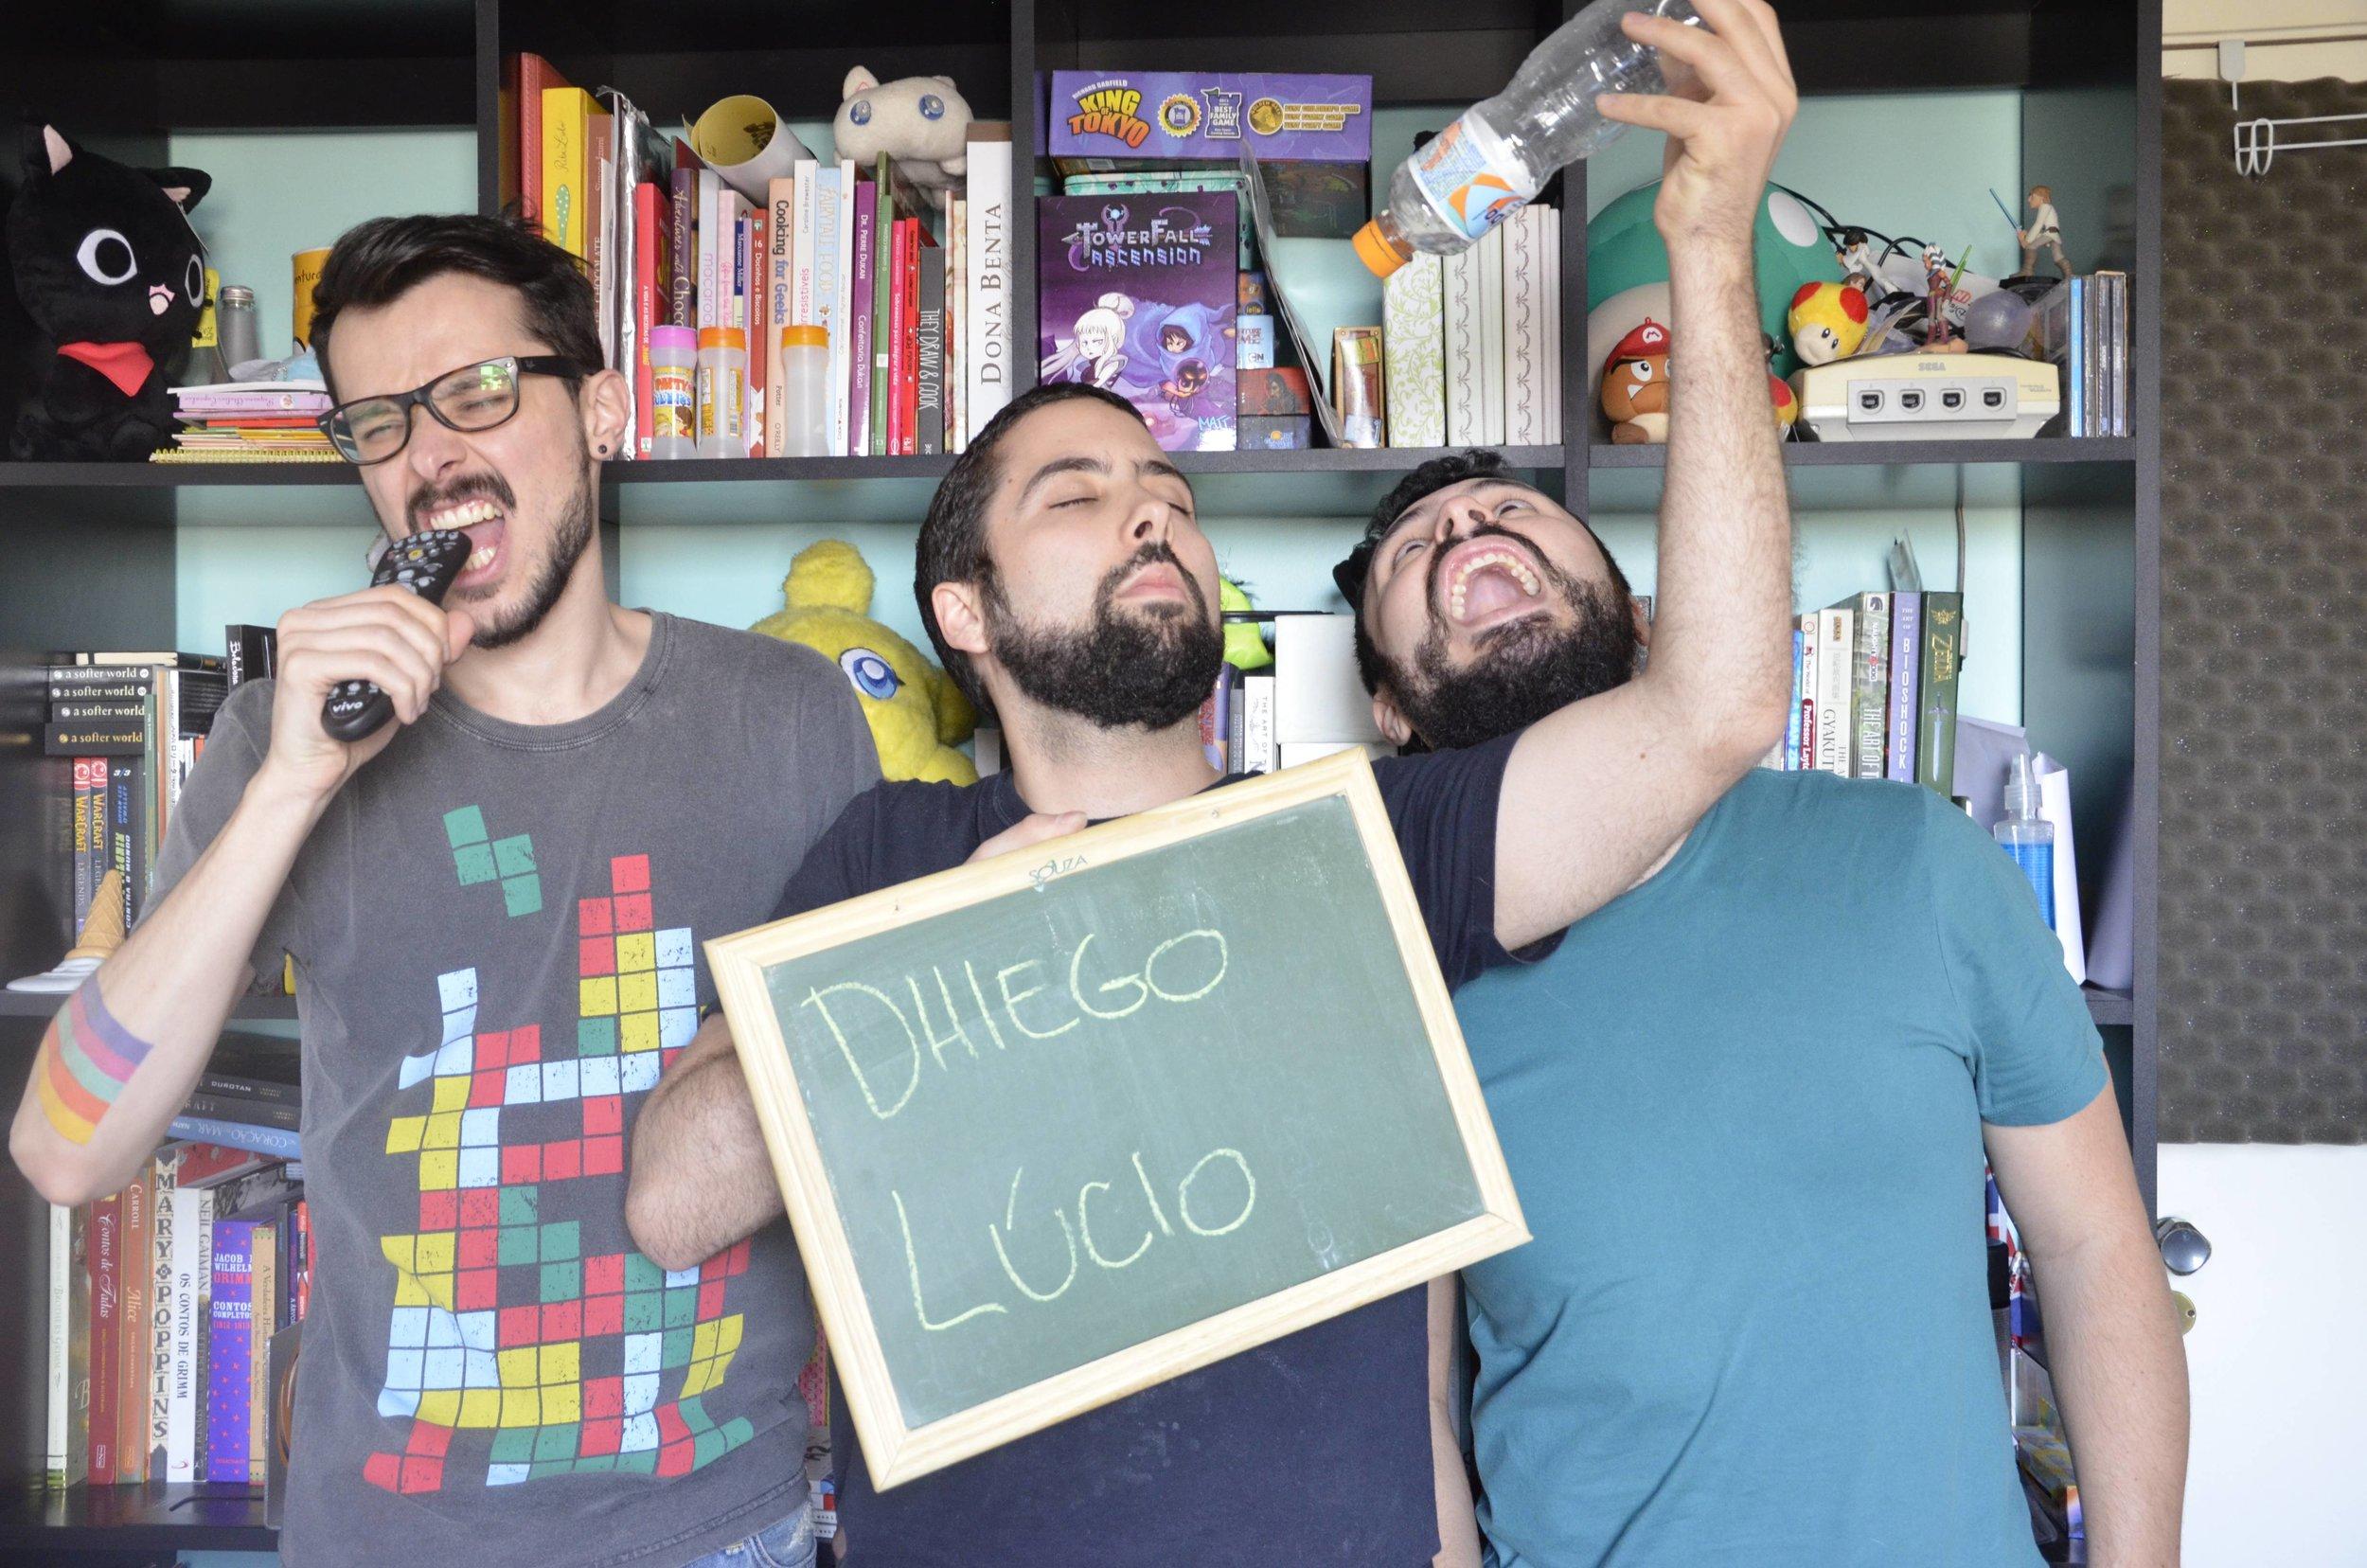 Dhiego-Lúcio.jpg